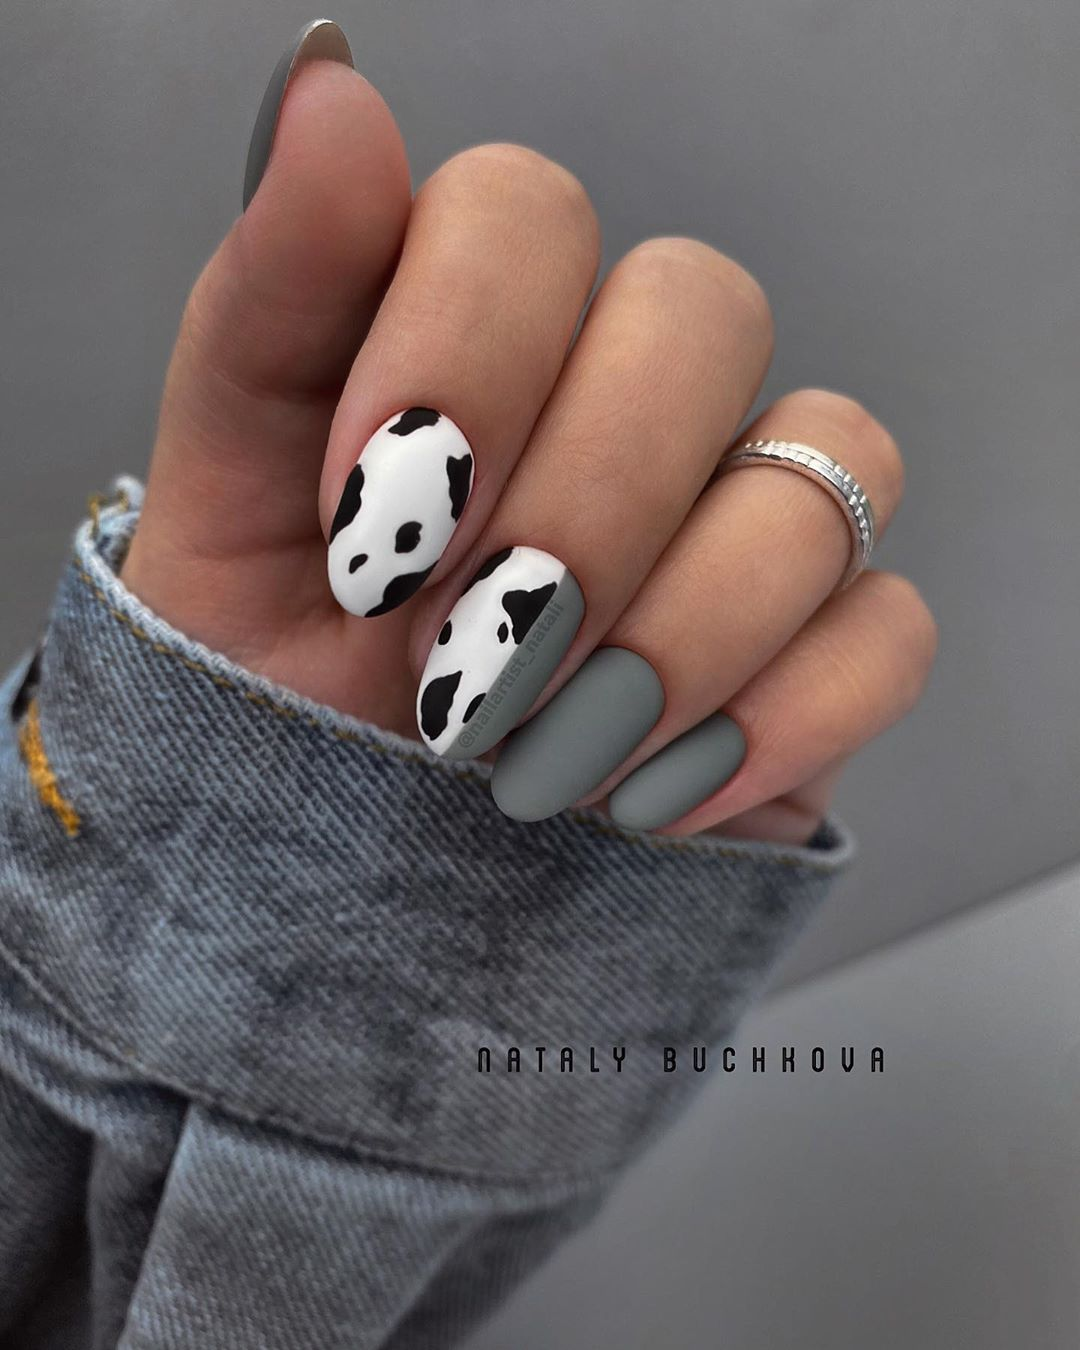 маникюр-в-год-быка-серый-с-пятнами-коровы